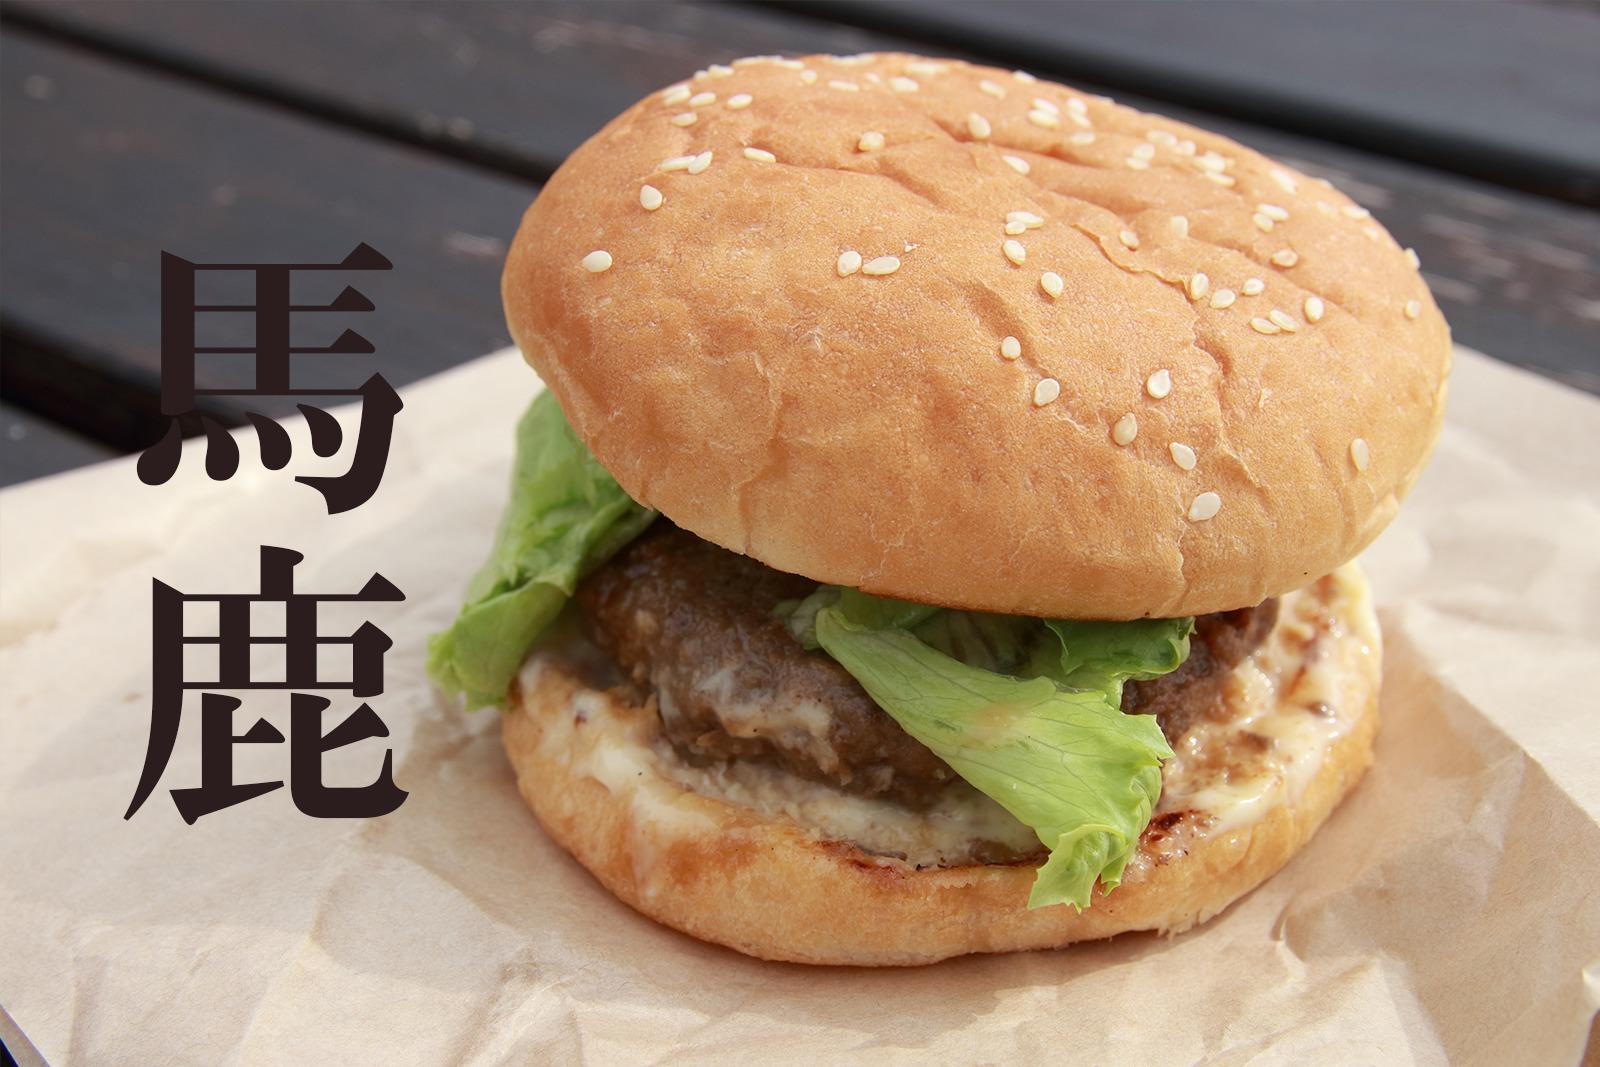 「馬鹿バーガー」?! 道東道占冠PA限定のご当地バーガーとは